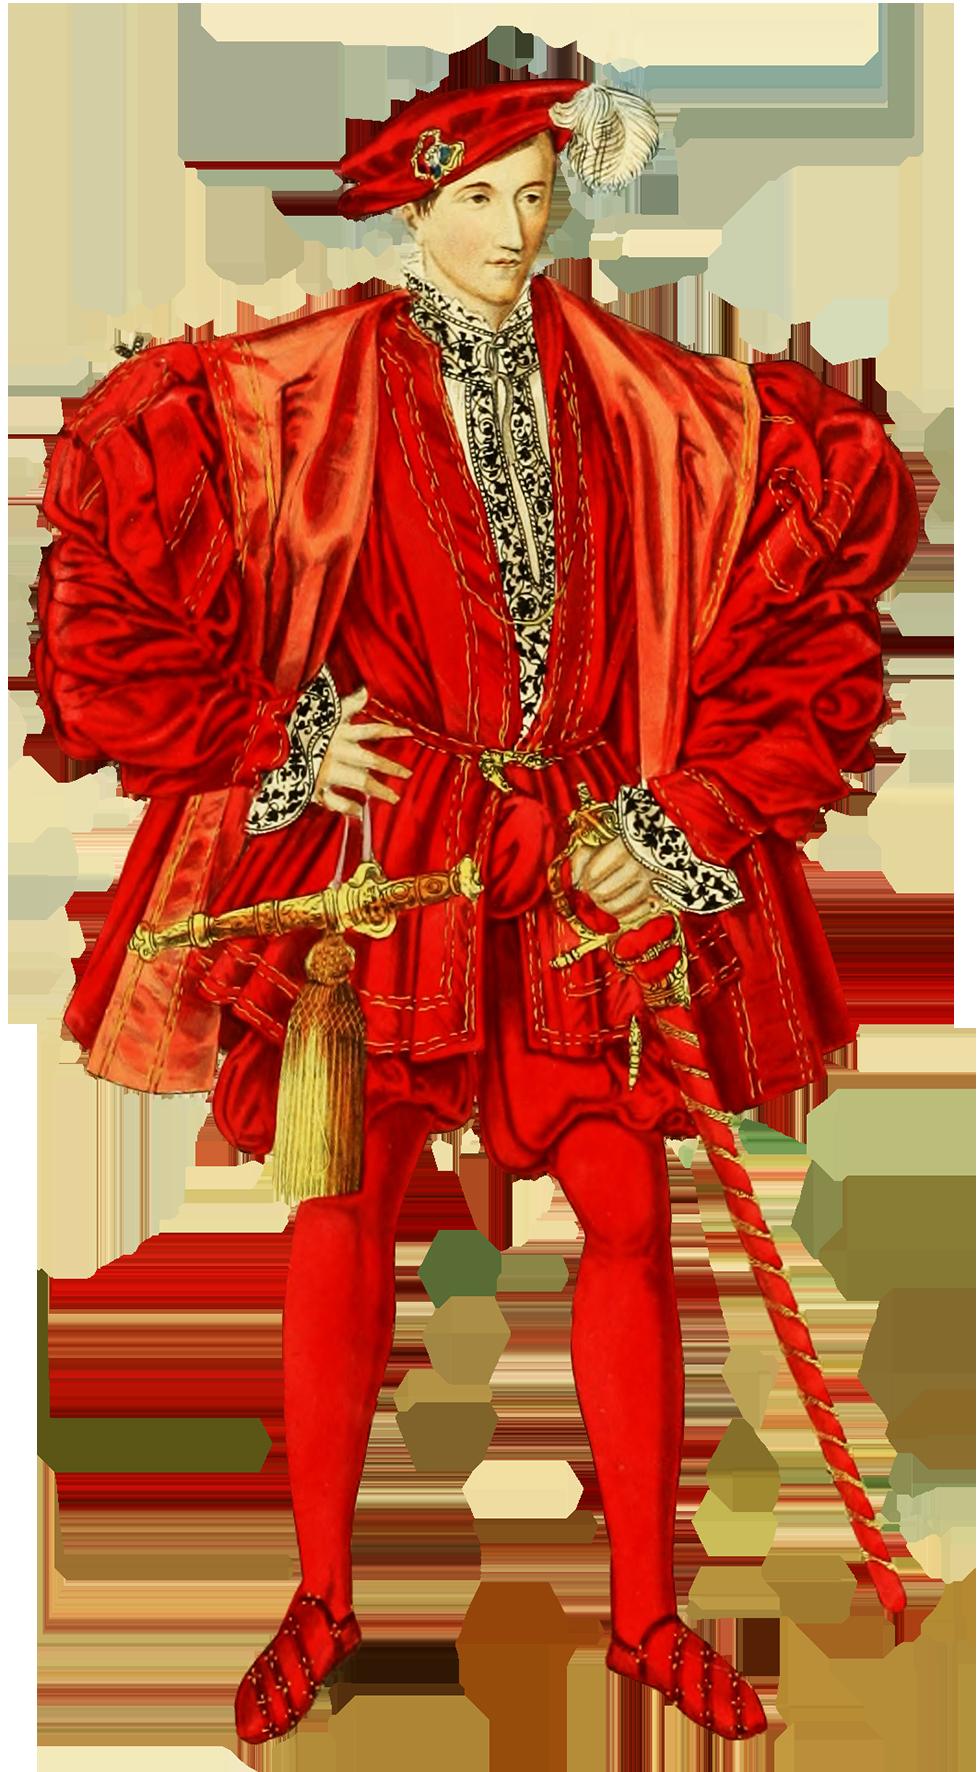 Medieval dressed gentleman